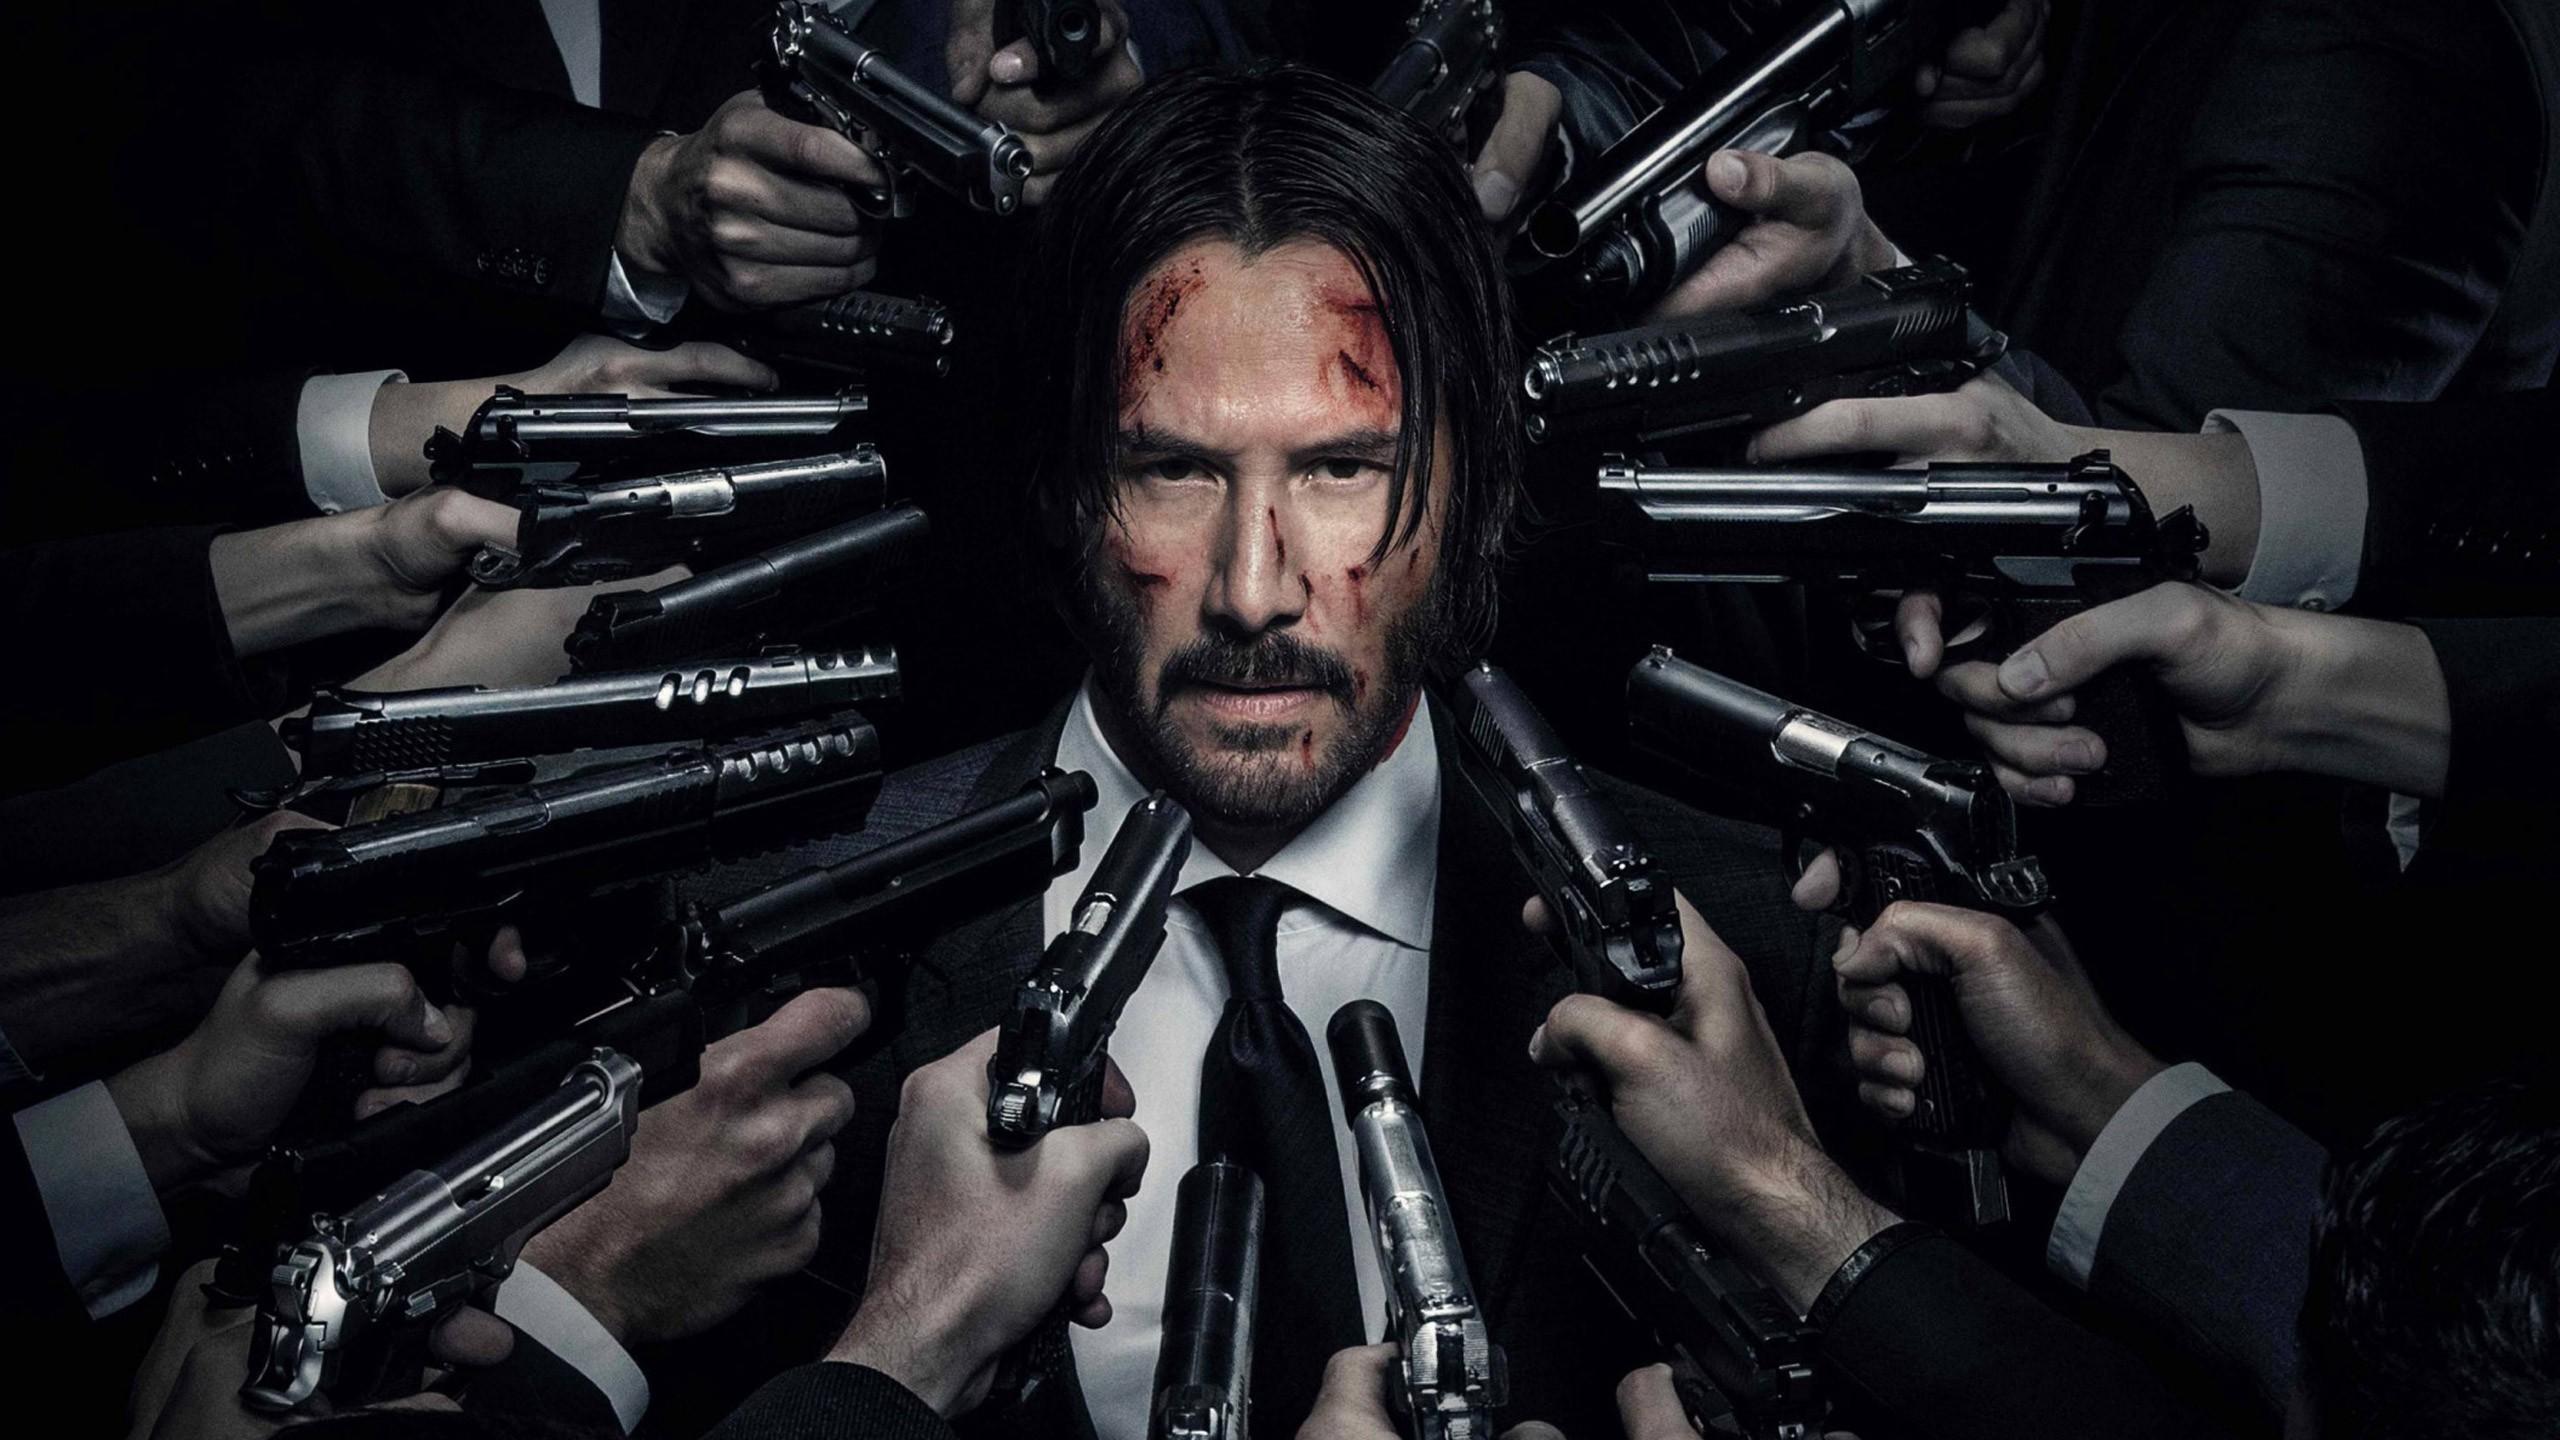 En Streaming Una Hermandad De Asesinos Persigue A John Wick